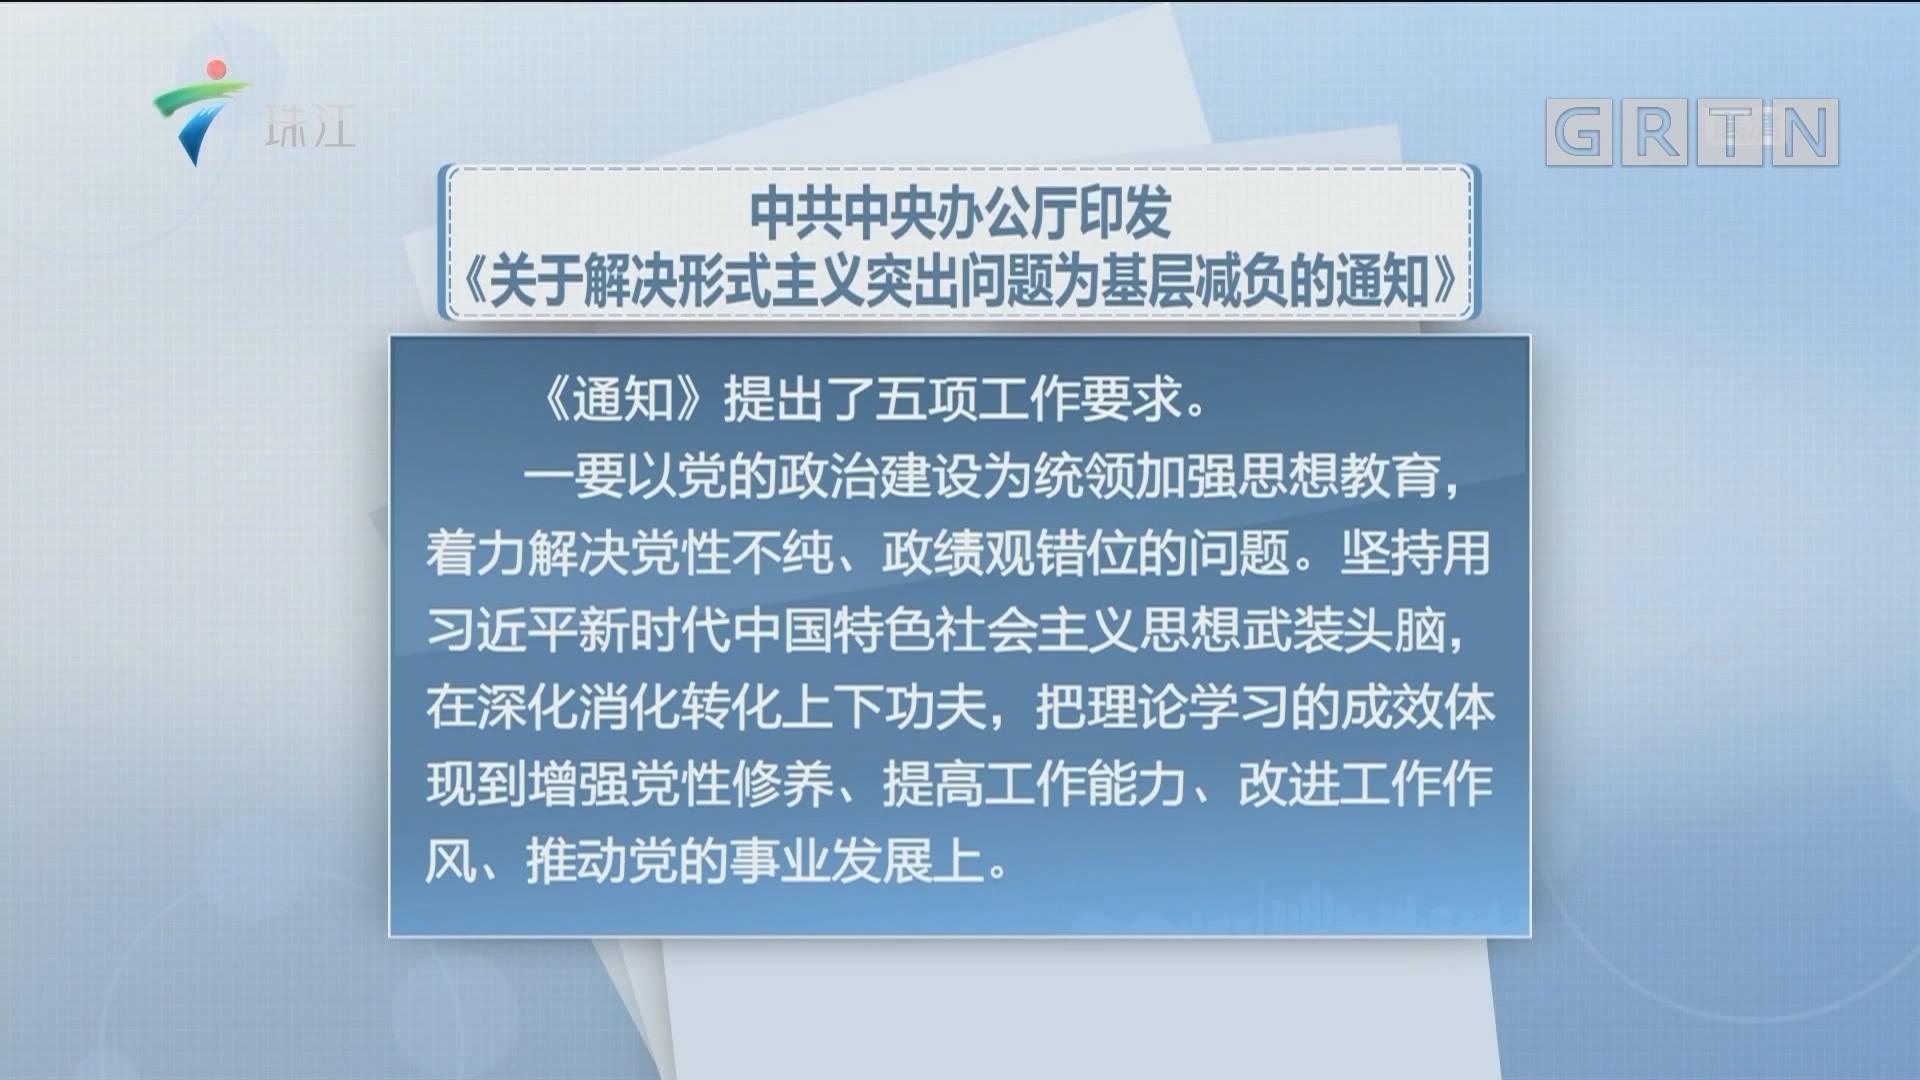 中共中央办公厅印发《关于解决形式主义突出问题为基层减负的通知》